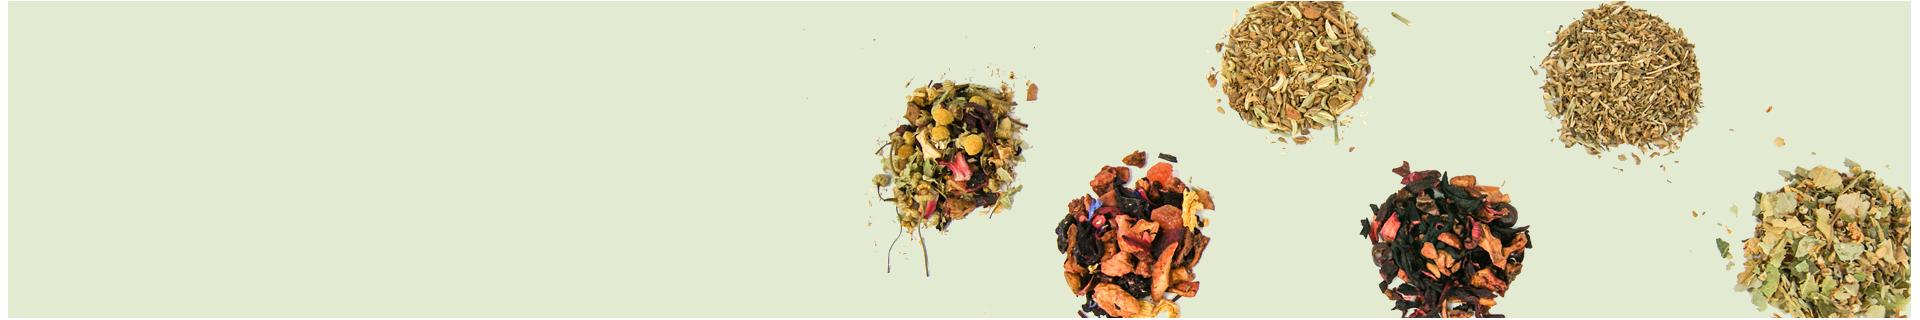 Mayorista y fabricante de tés e infusiones. Cooltea.es